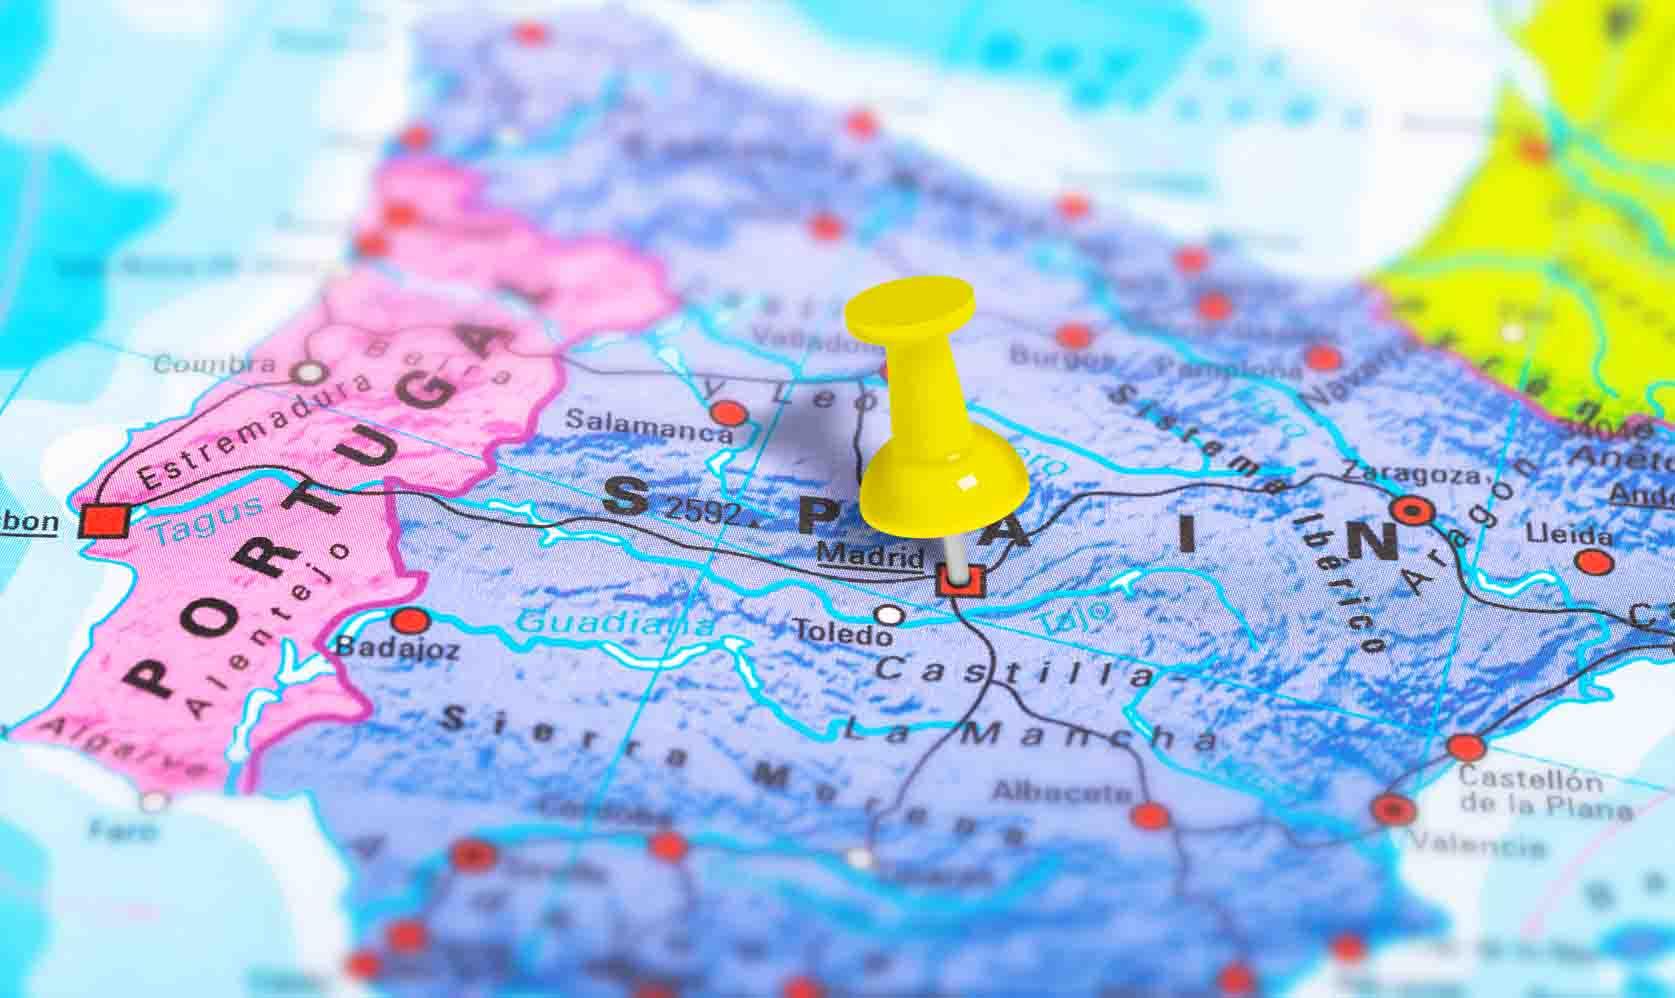 Plazas de Correos por provincias: ¿dónde tienes más posibilidades?